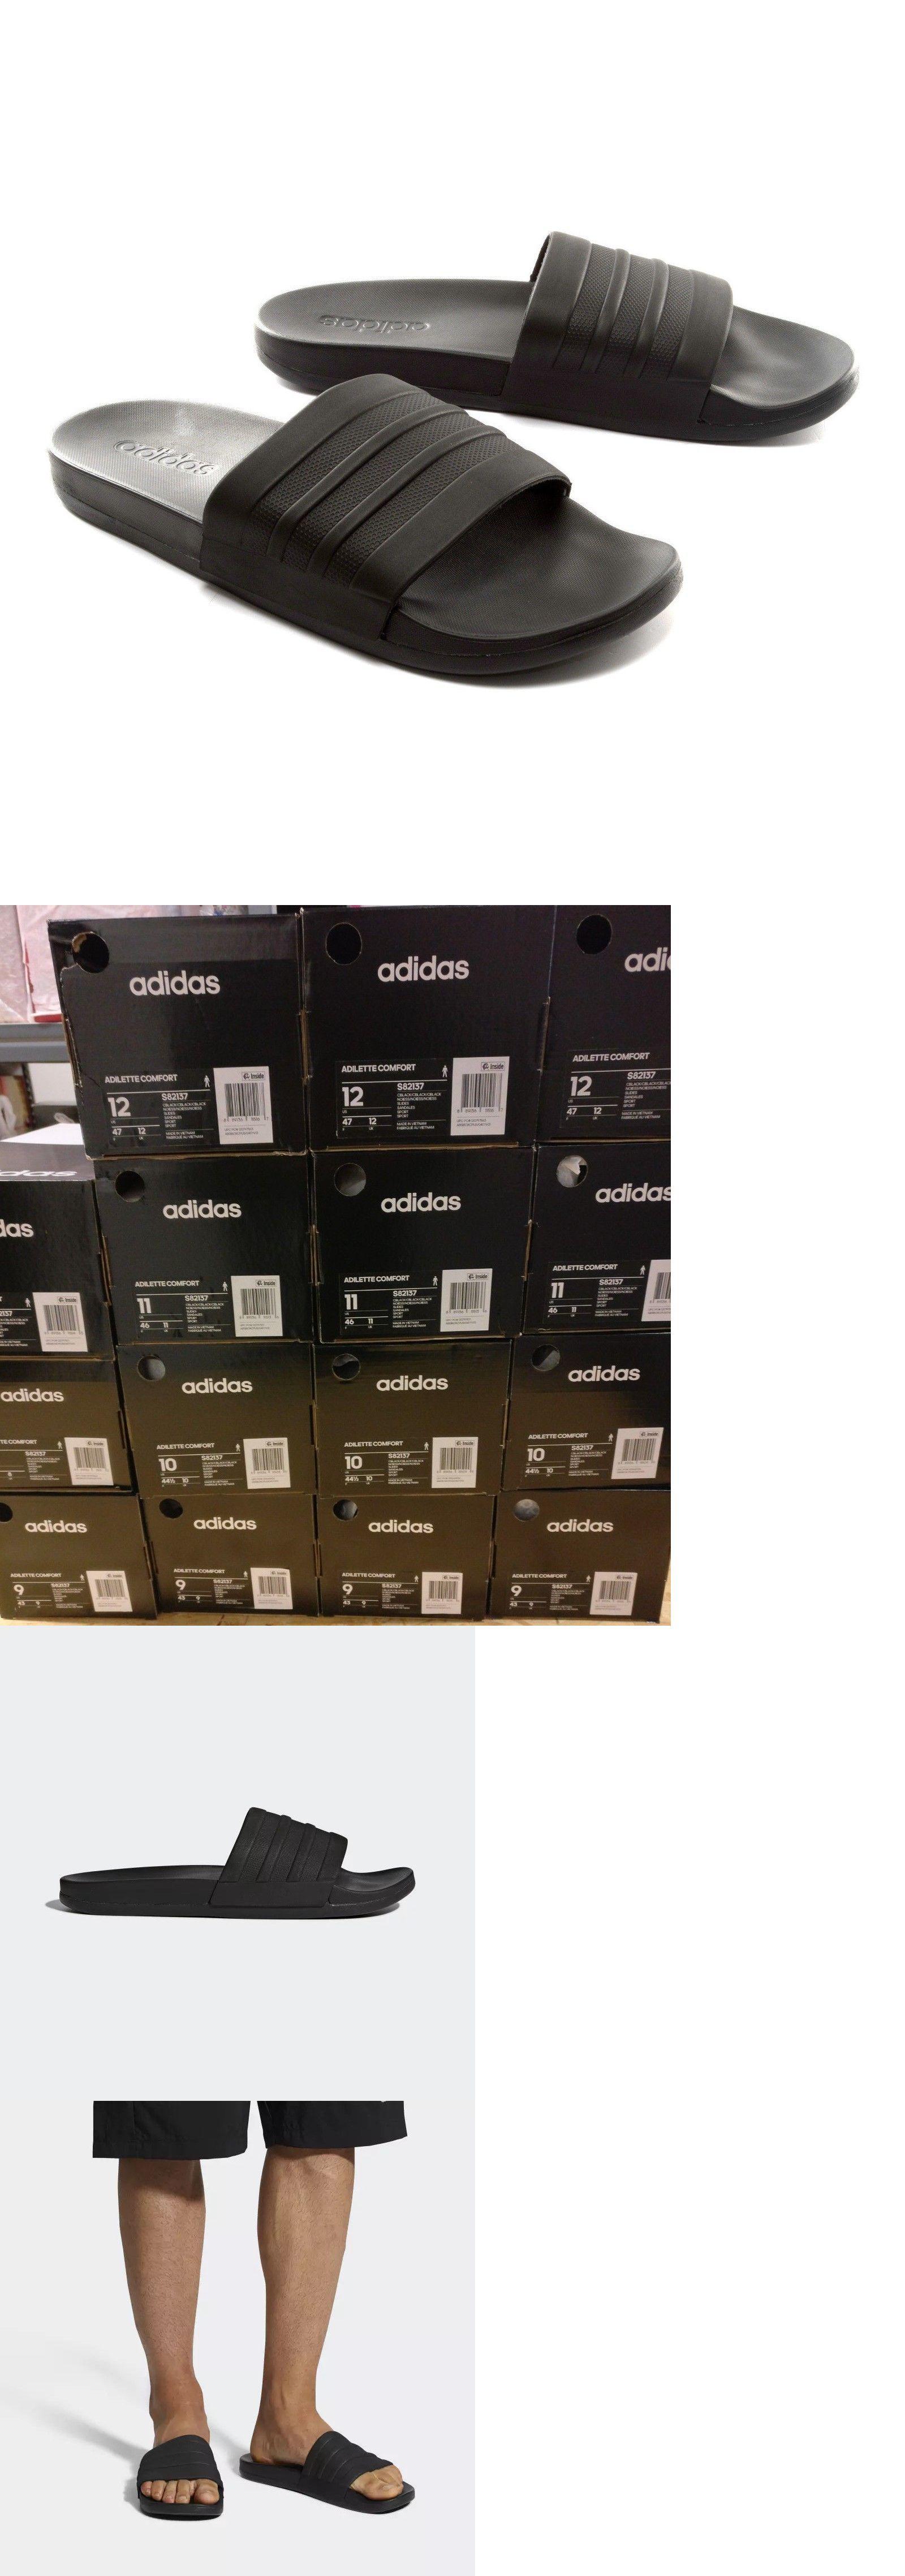 c8b44b77eaea Sandals 11504  Adidas Adilette Cloudfoam Plus Mono Slides Sz 8